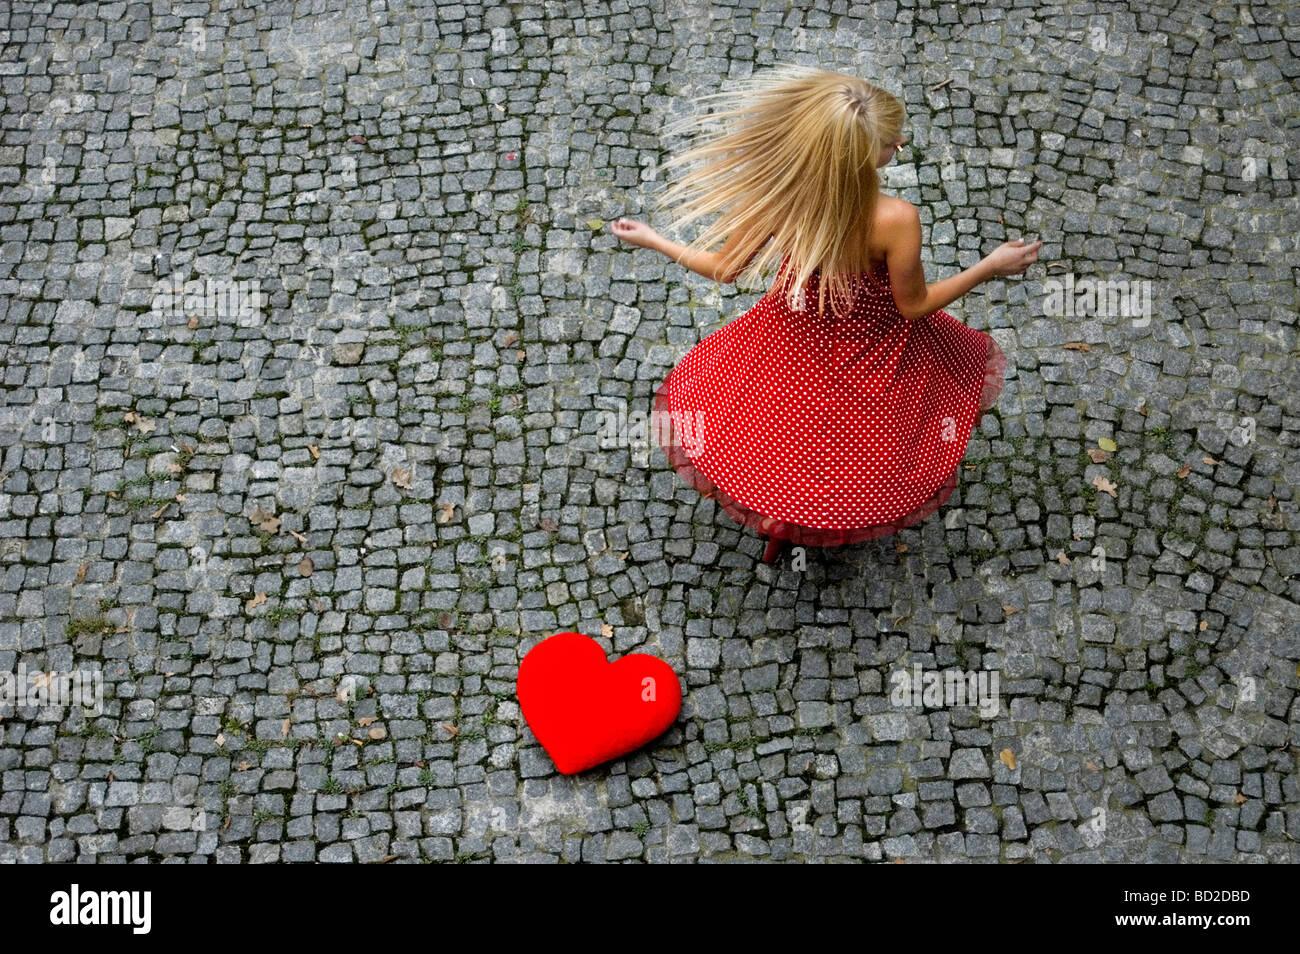 À espera de amor Imagens de Stock